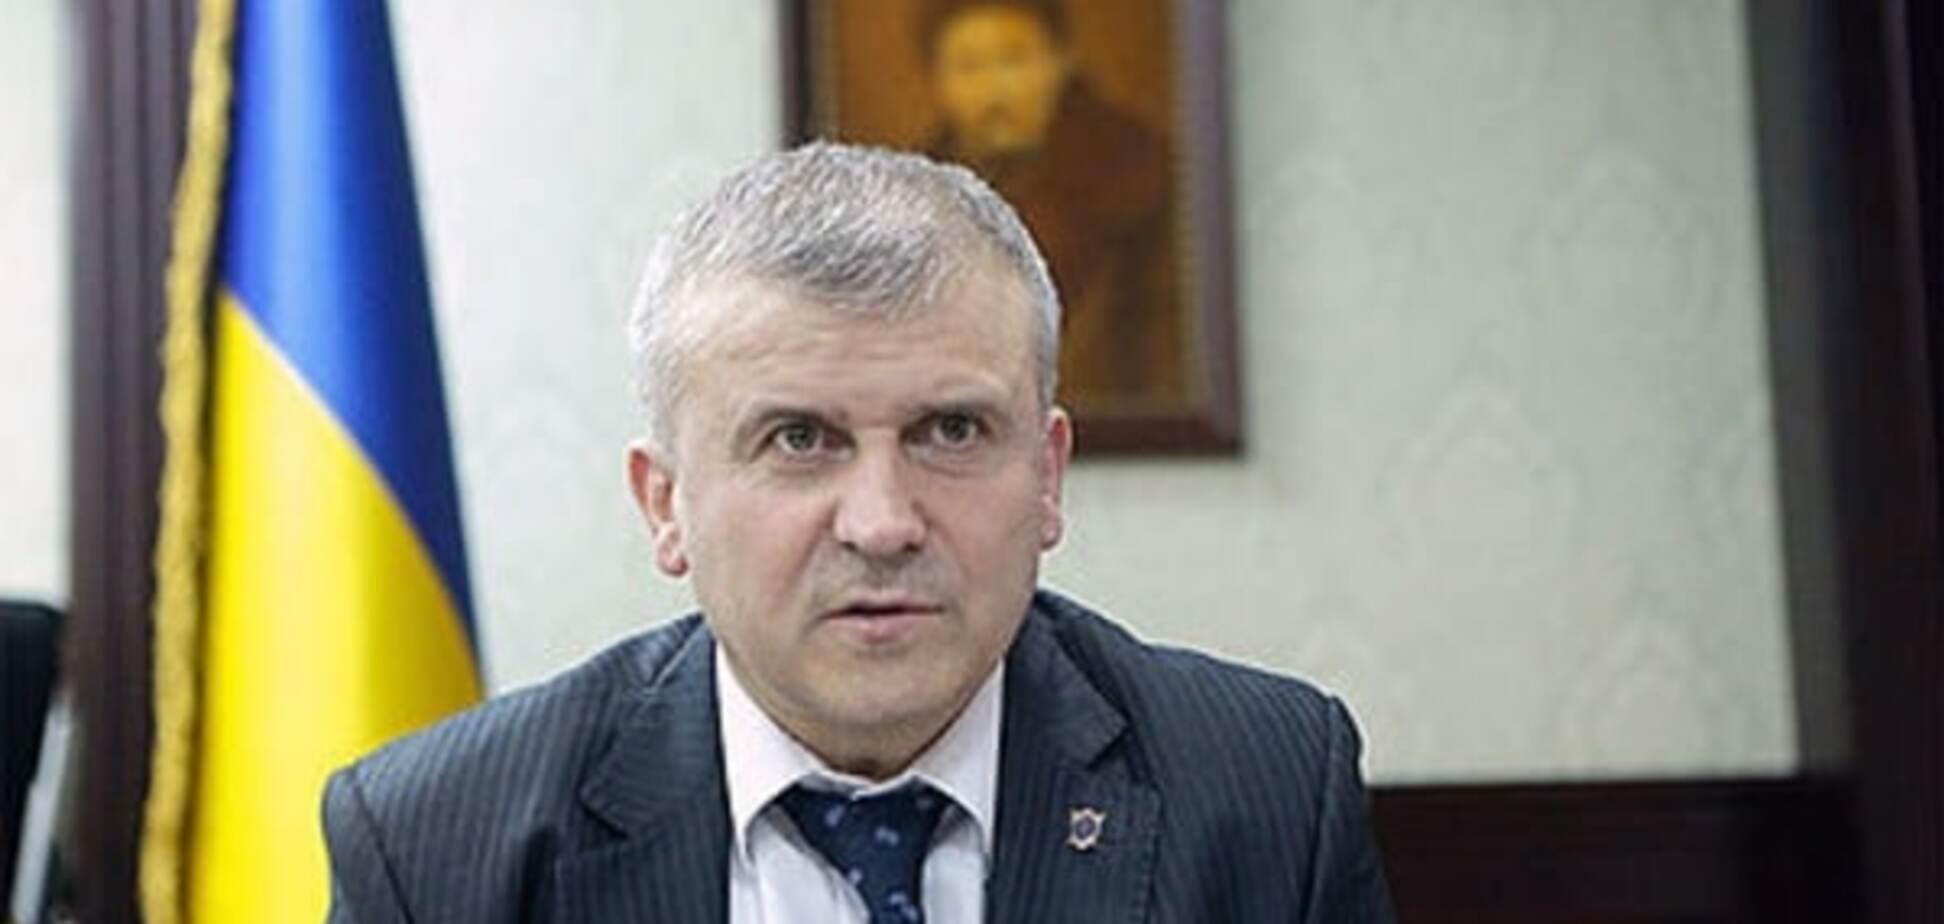 Люстрацію в Україні використовують в особистих інтересах, обходячи закон - Голомша